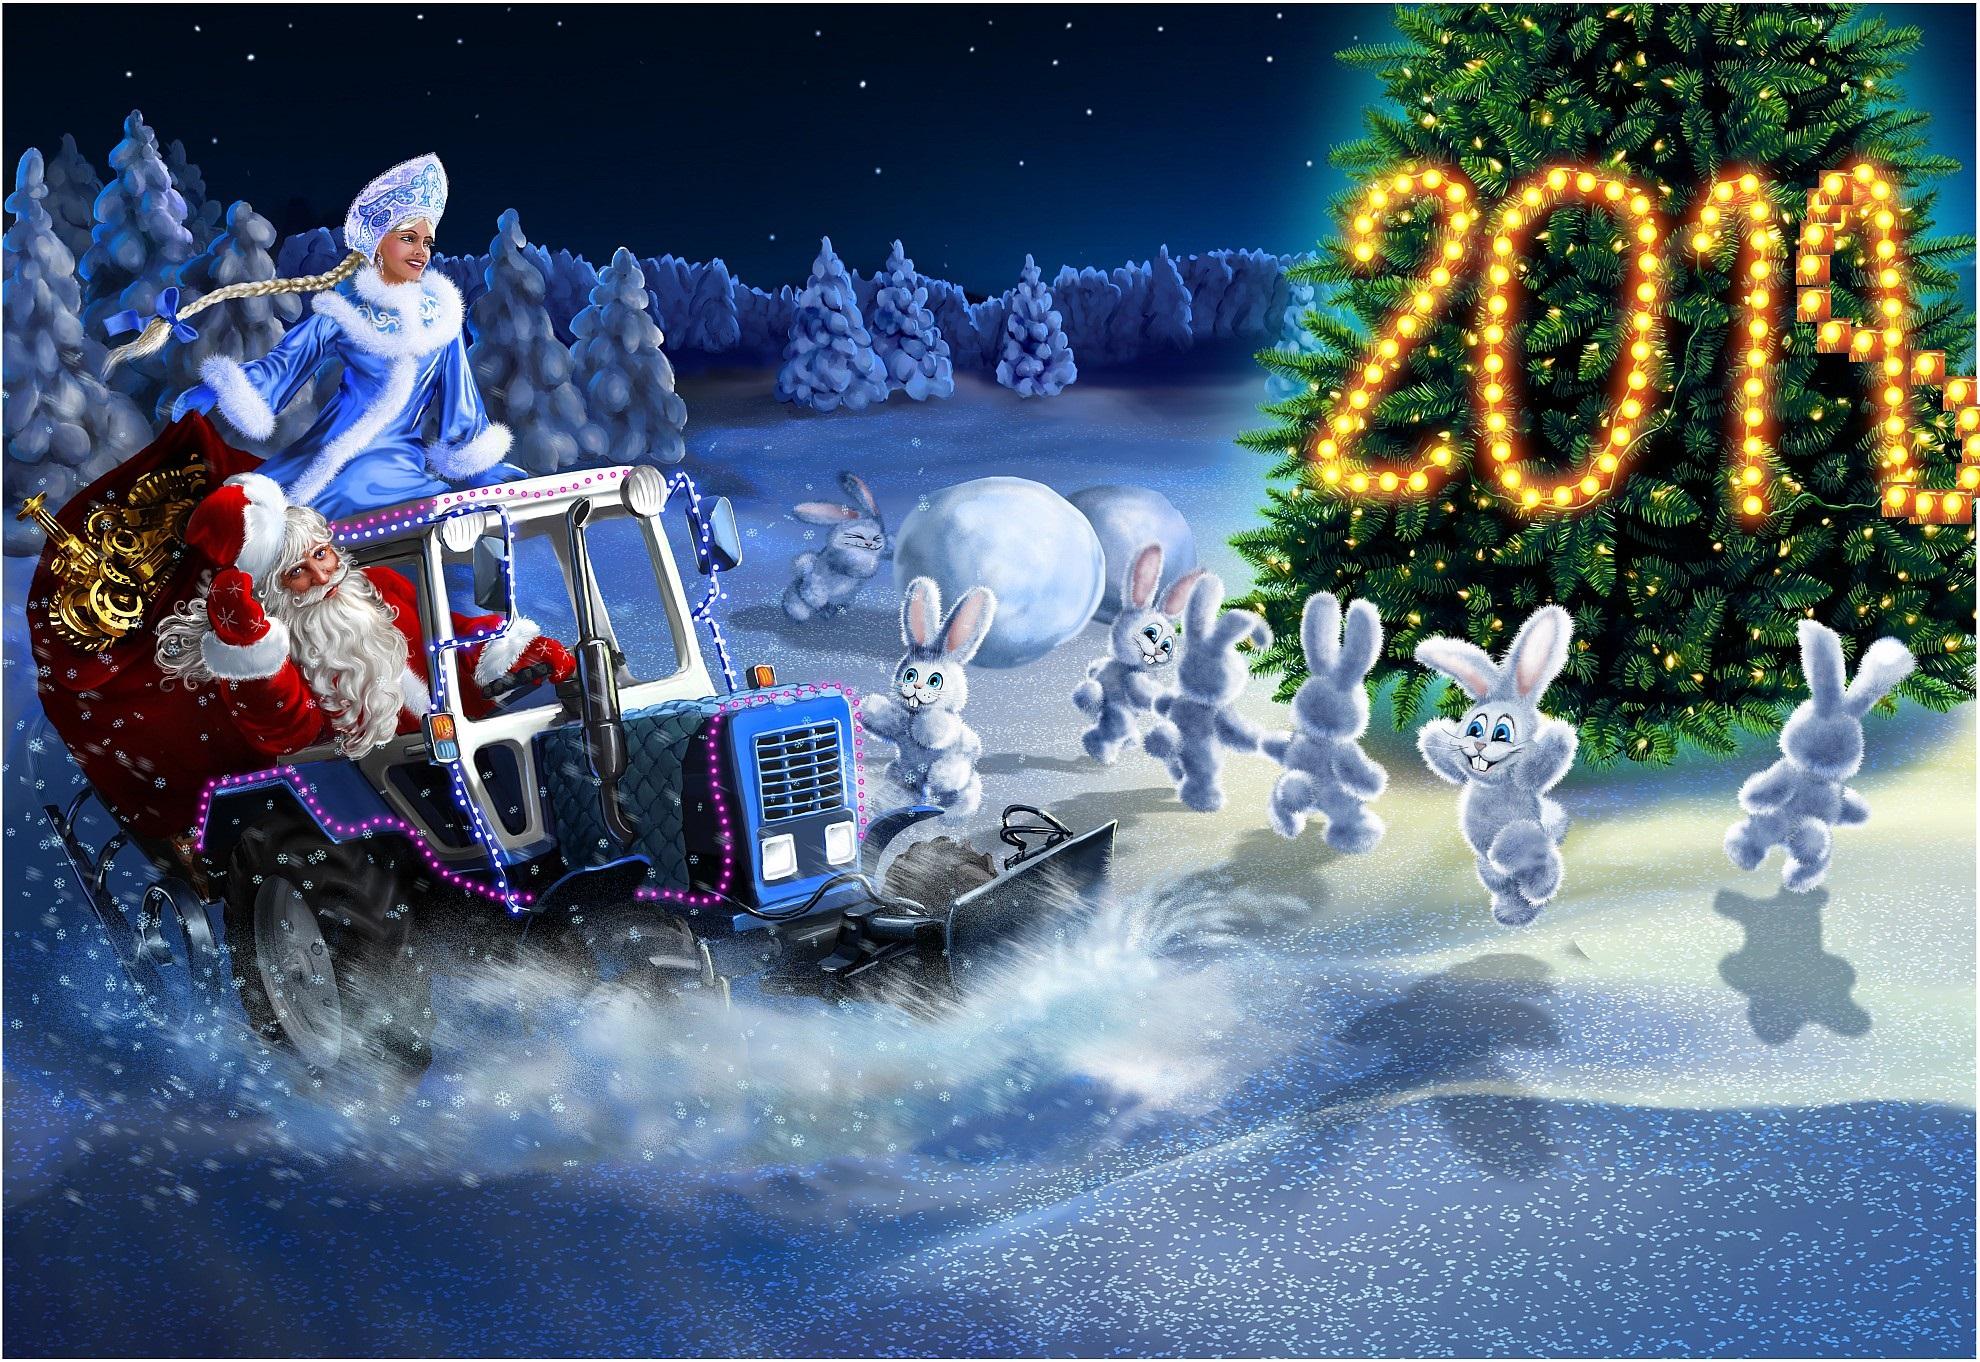 с новым годом картинки на сайтах вывели